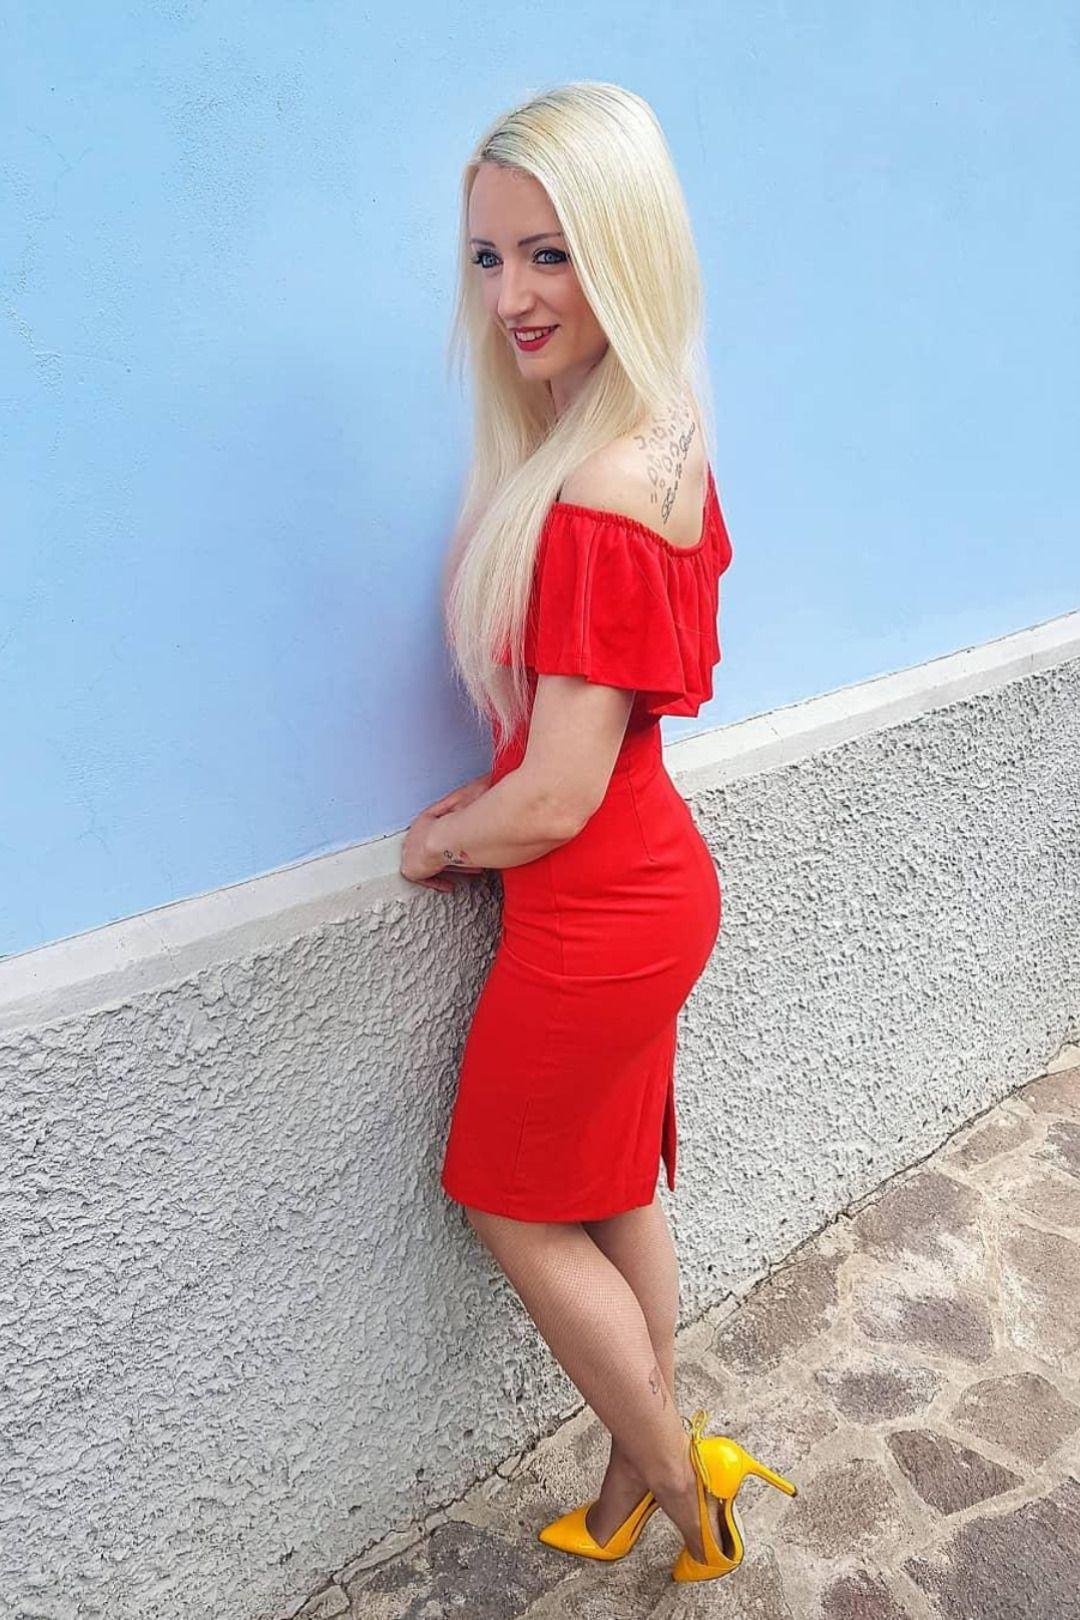 ROTE KLEIDER in 13  Kleider damen, Damenmode, Stilvolle mode